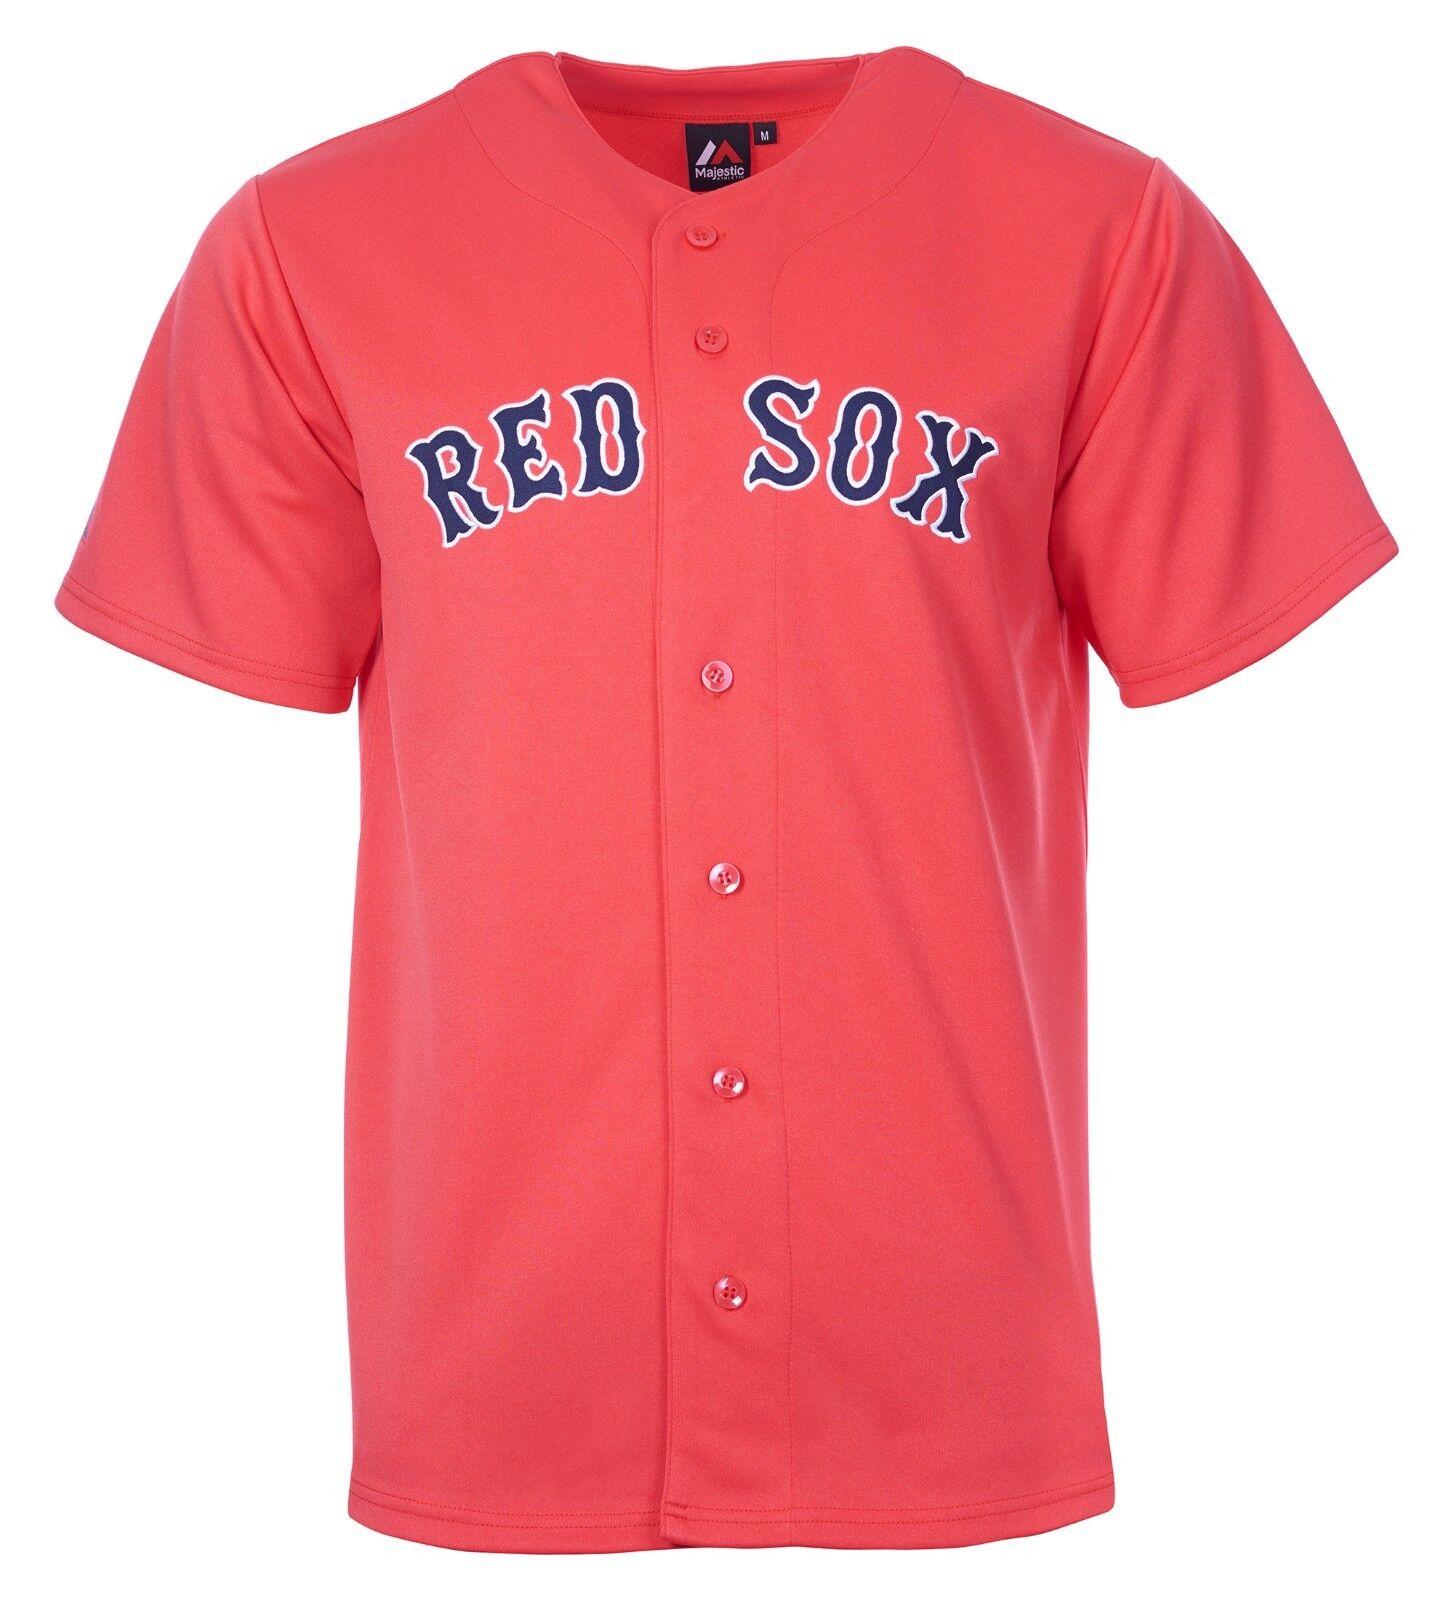 8ca2396f8c25d MLB béisbol camiseta Jersey Jersey Jersey Boston rojo Sox rojo home de  Majestic m67 c000d1